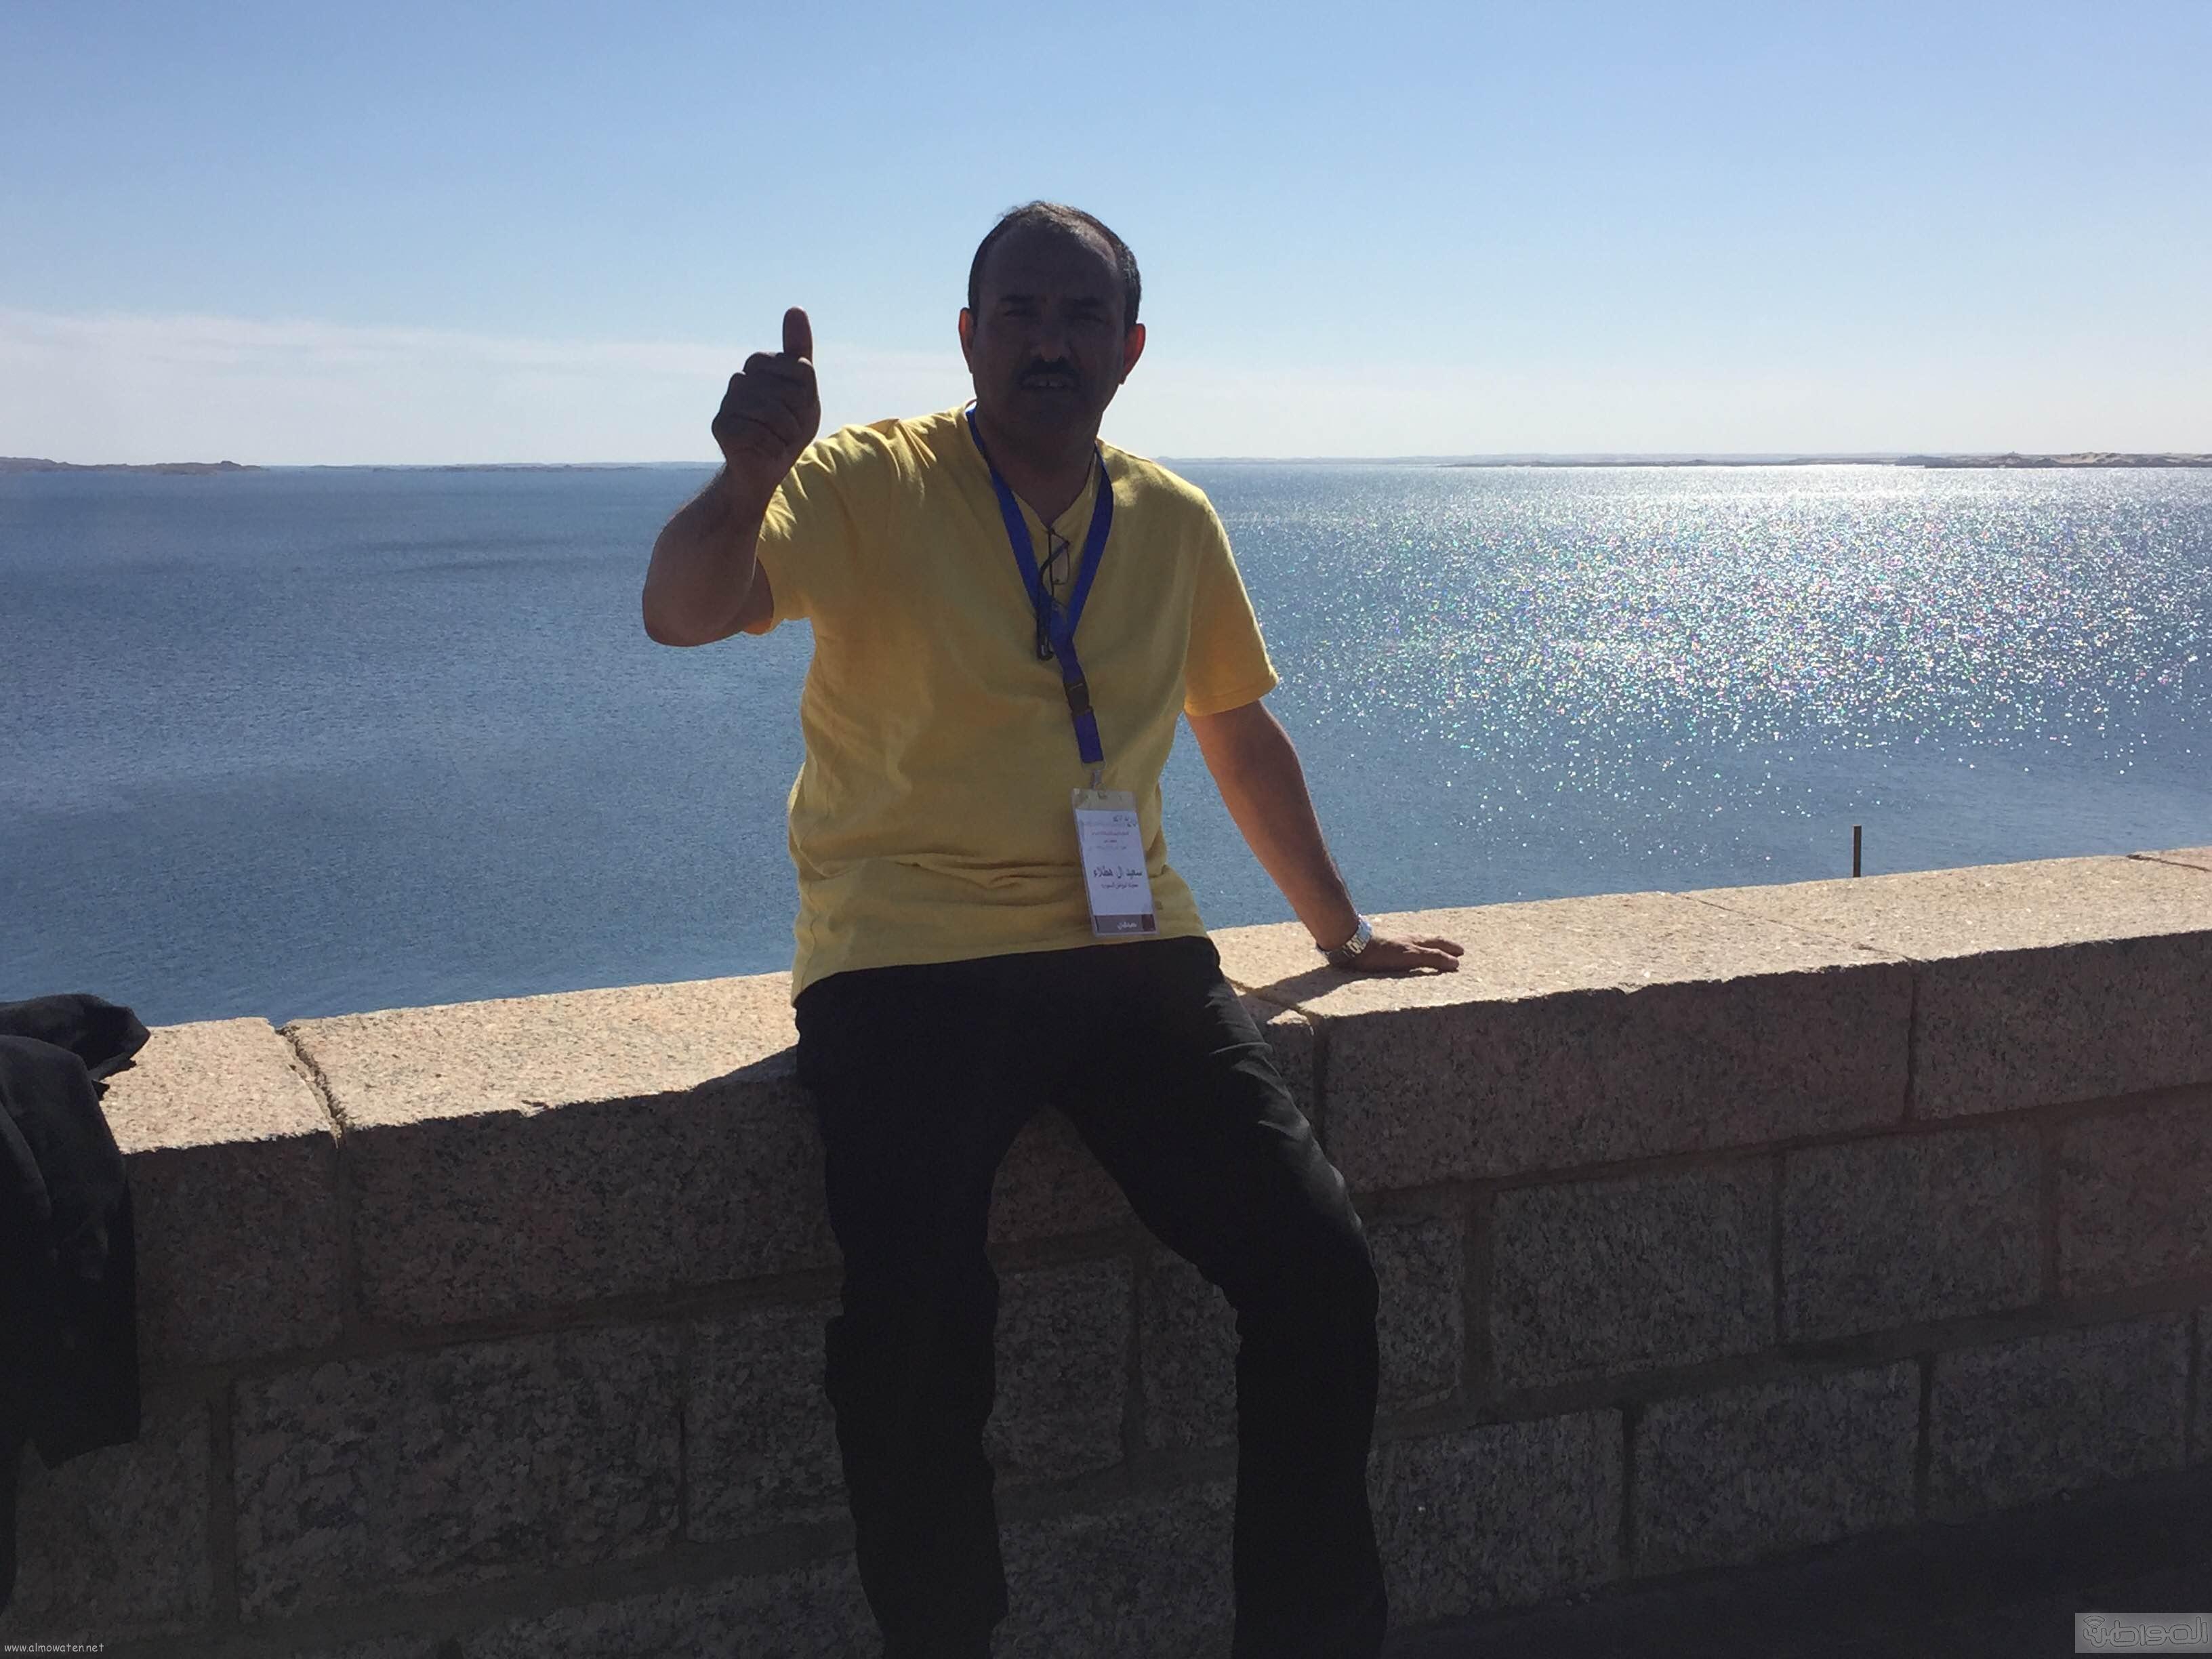 زيارة الاعلام السياحي لمعبد الفيلة والسد العالي باسوان (15)